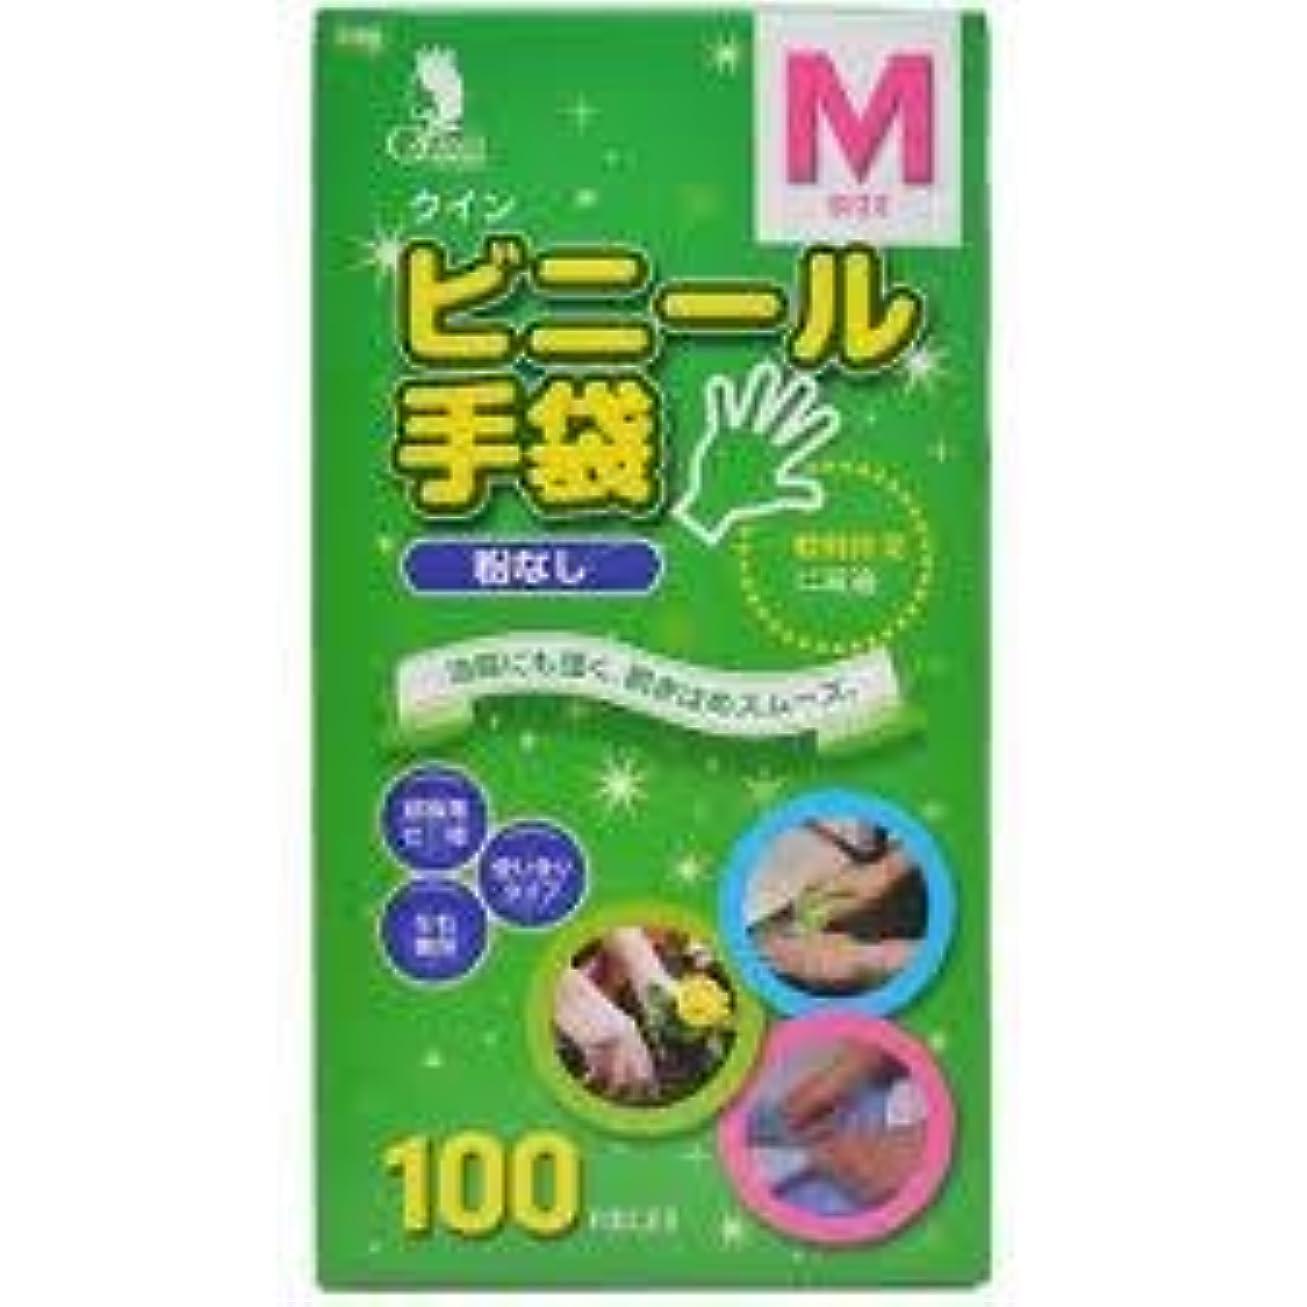 懐地味な物理宇都宮製作 クイン ビニール手袋(パウダーフリー) M100枚×20点セット (4976366006931)